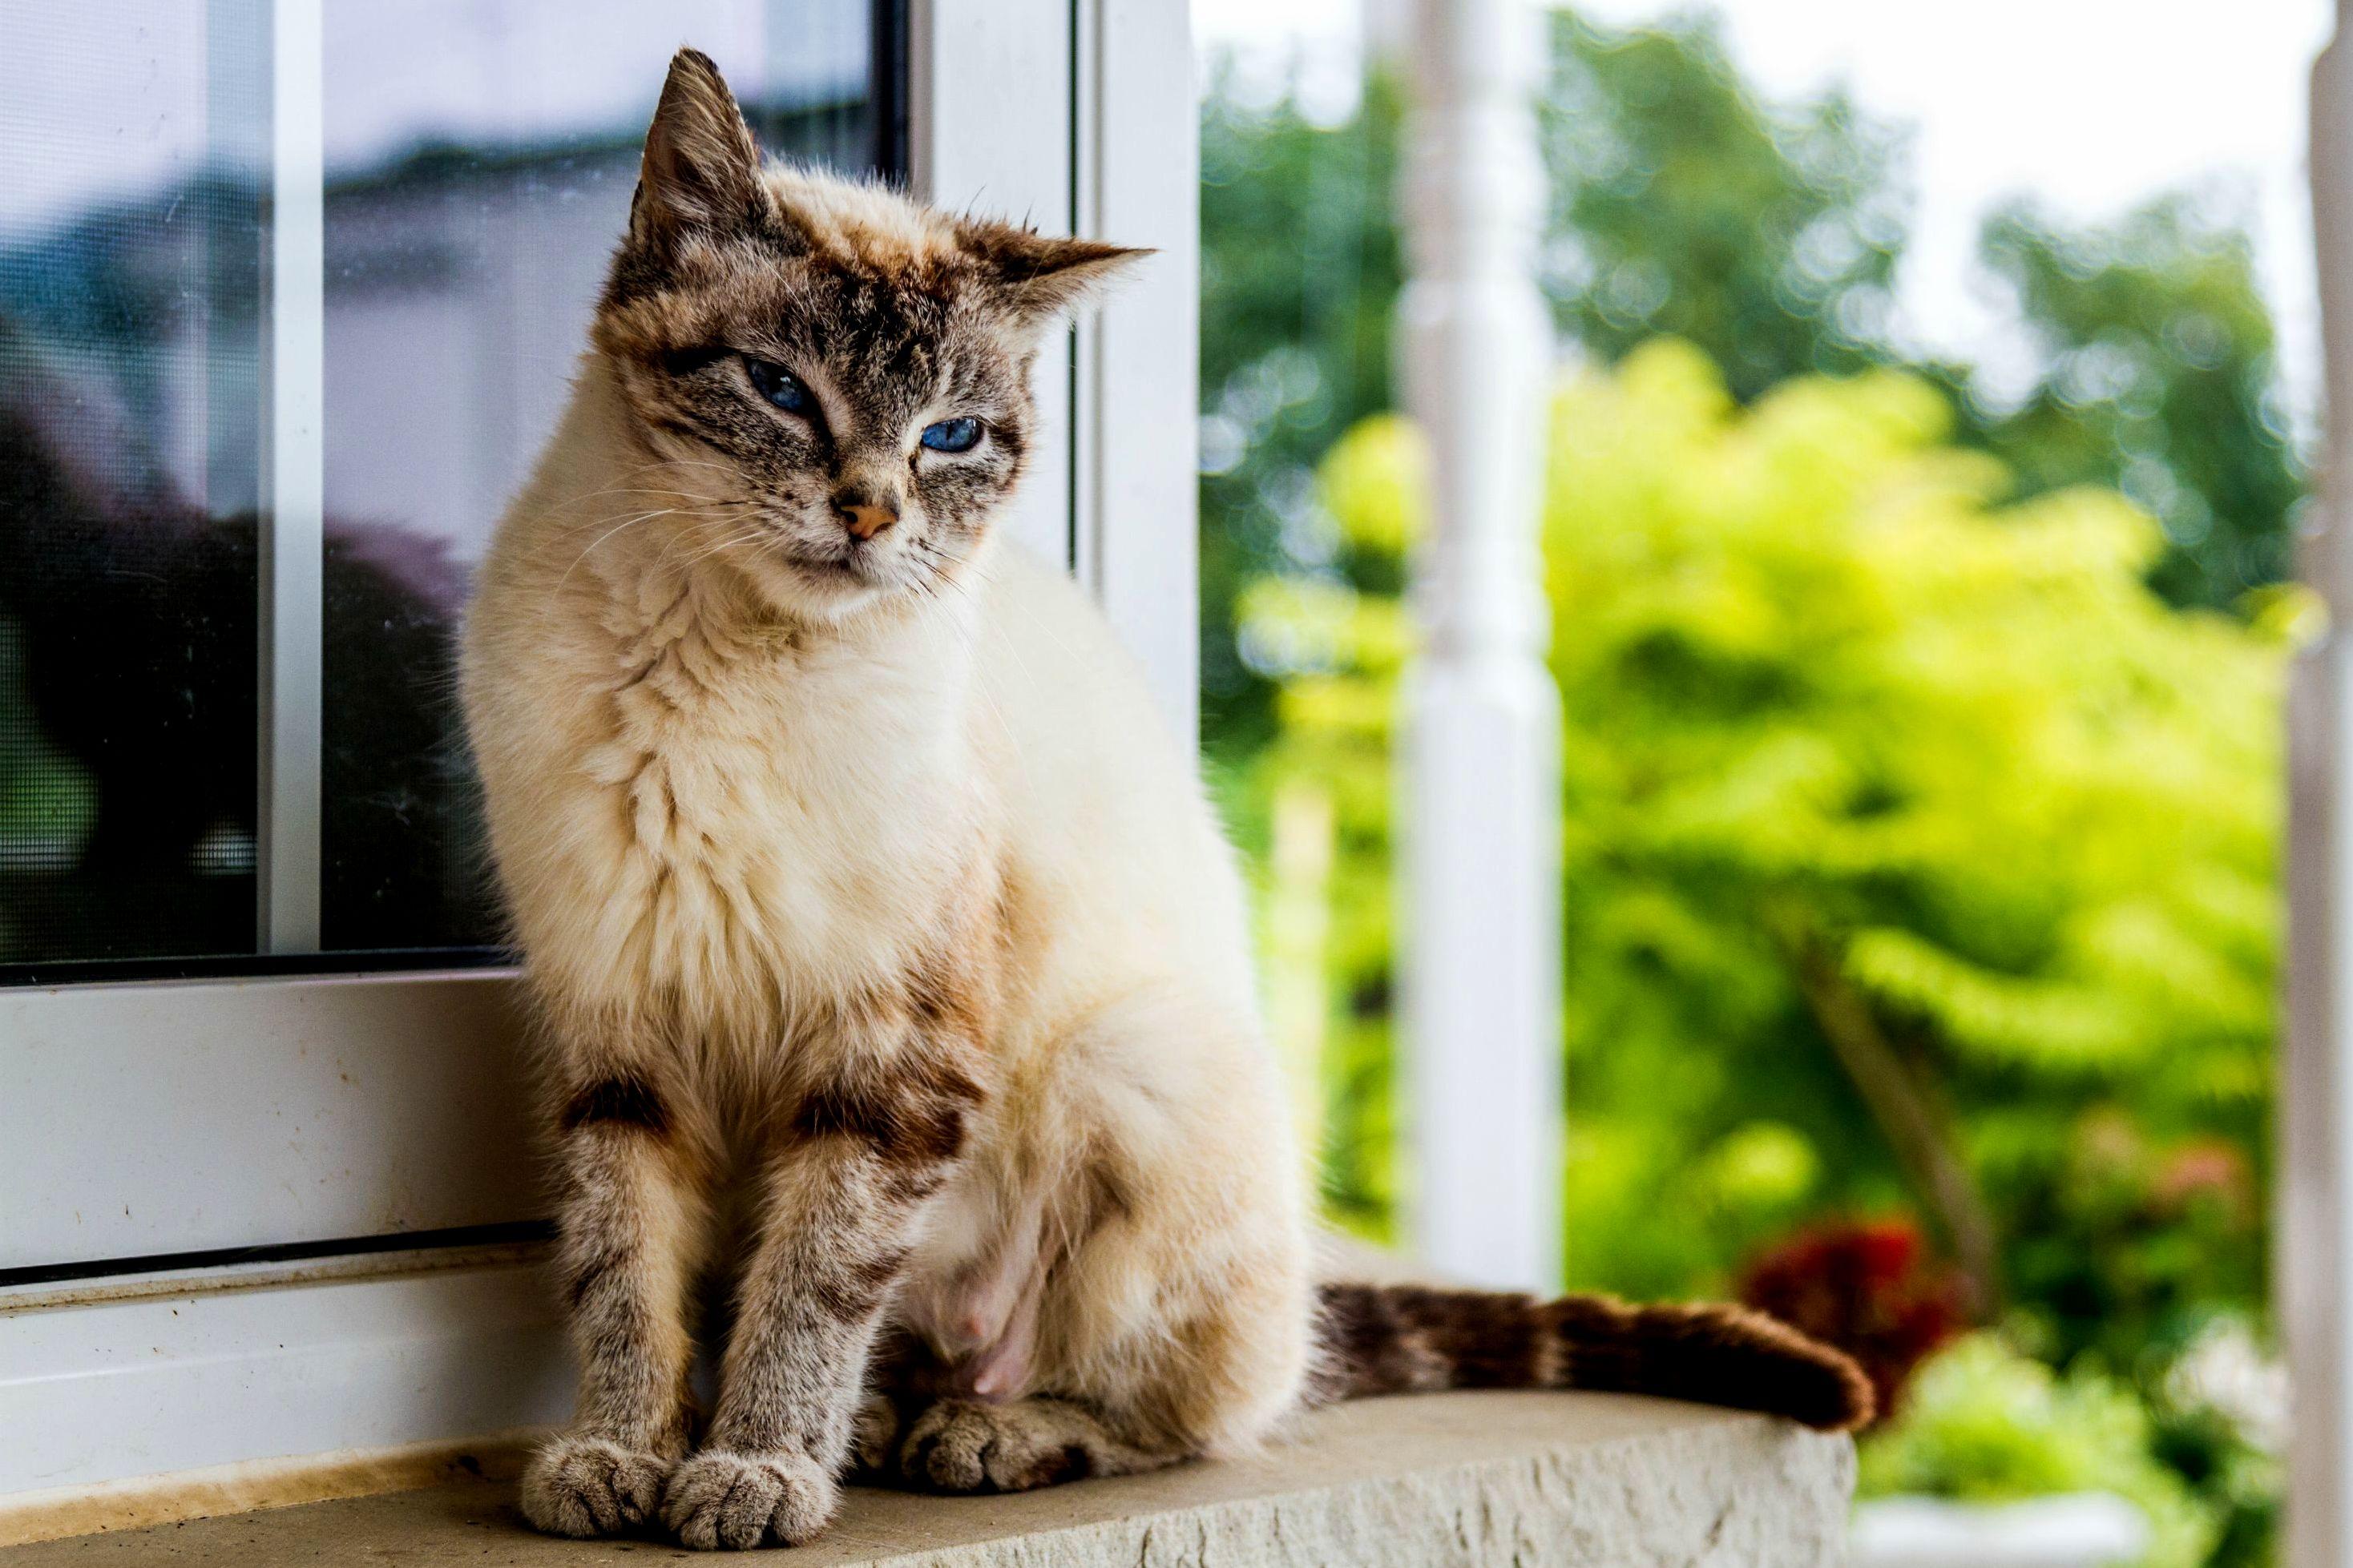 A pretty mother barn cat i met.